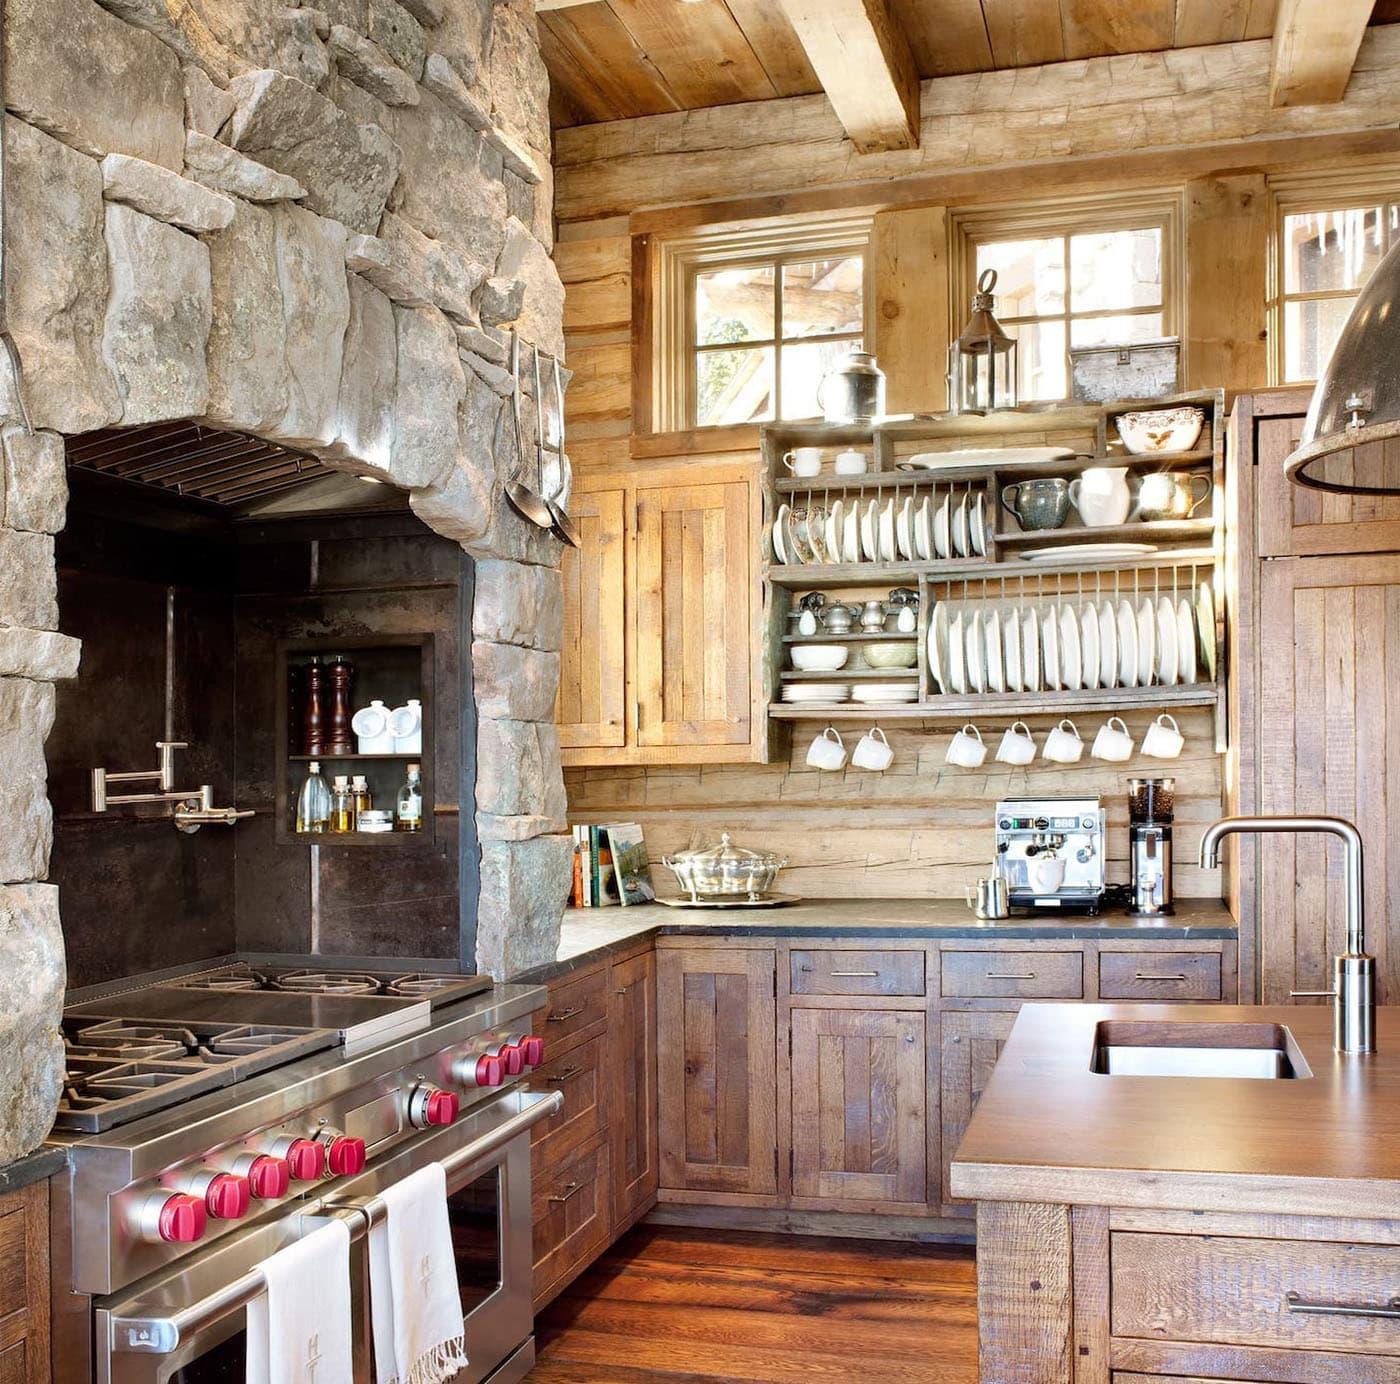 что фото оформления деревенской кухни как селедки бочке